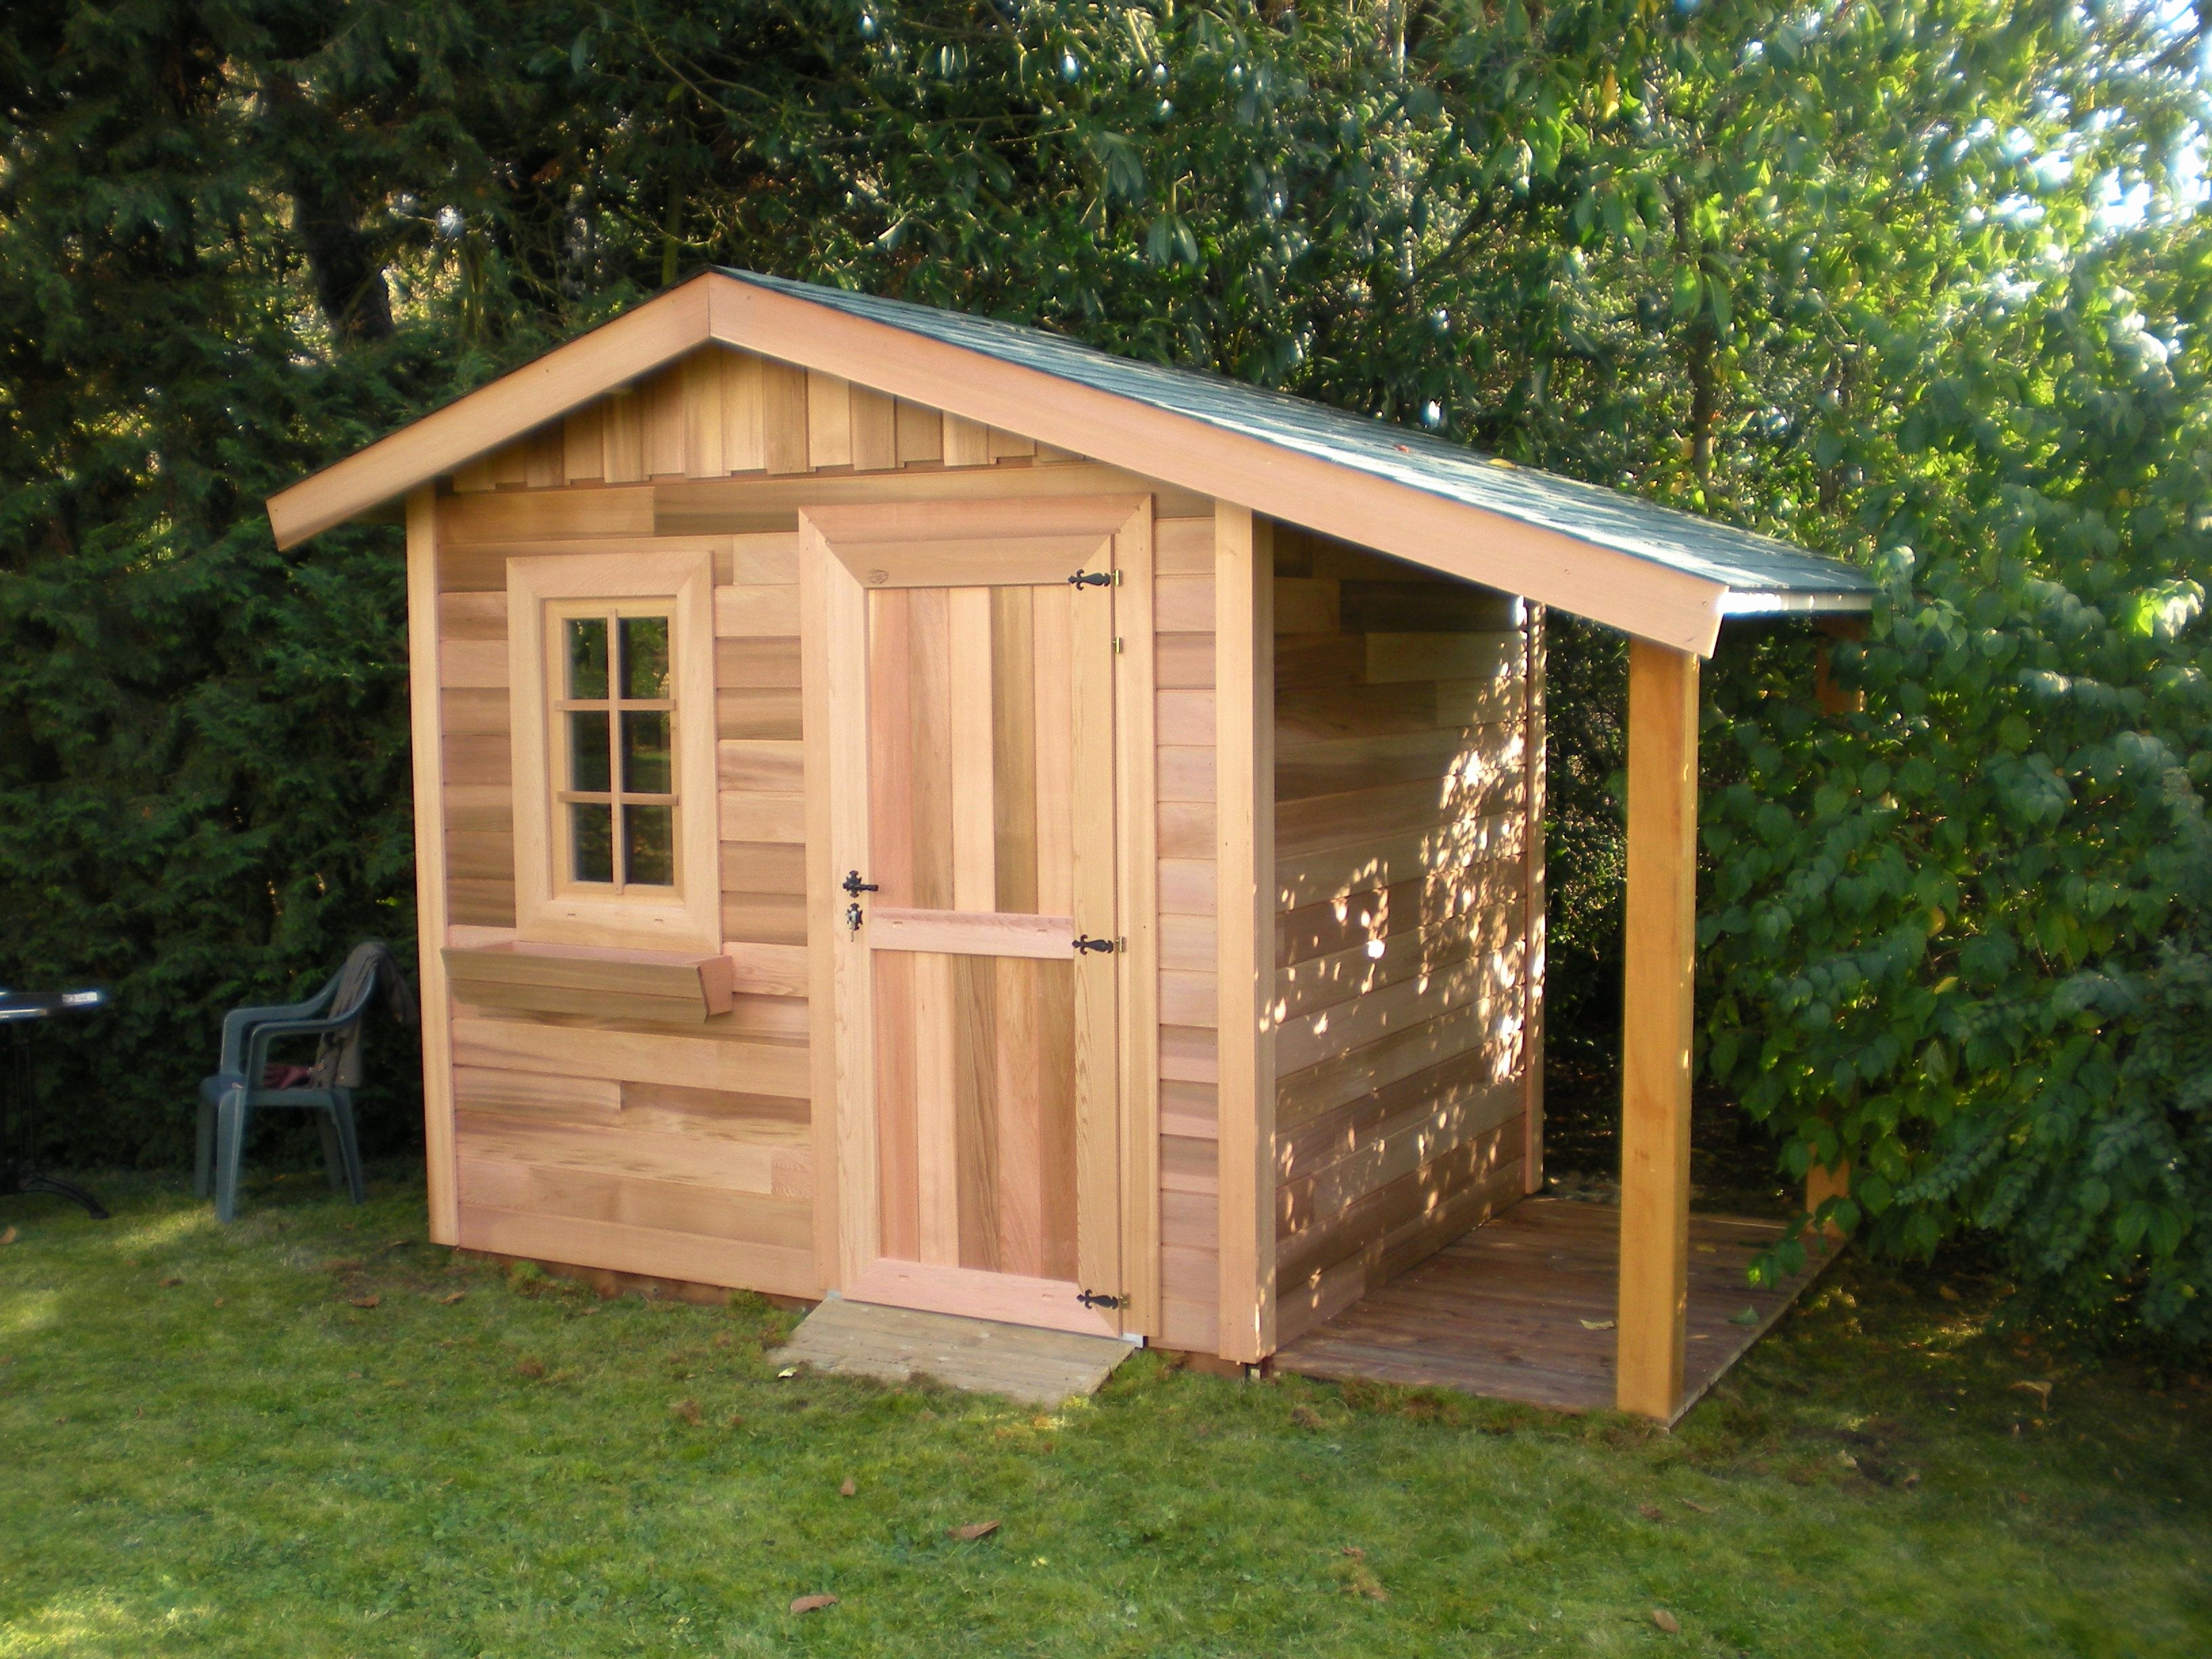 Idee Deco Interieur Cabane En Bois Luxe Photographie Luxe 40 De Chalet De Jardin Bois Concept